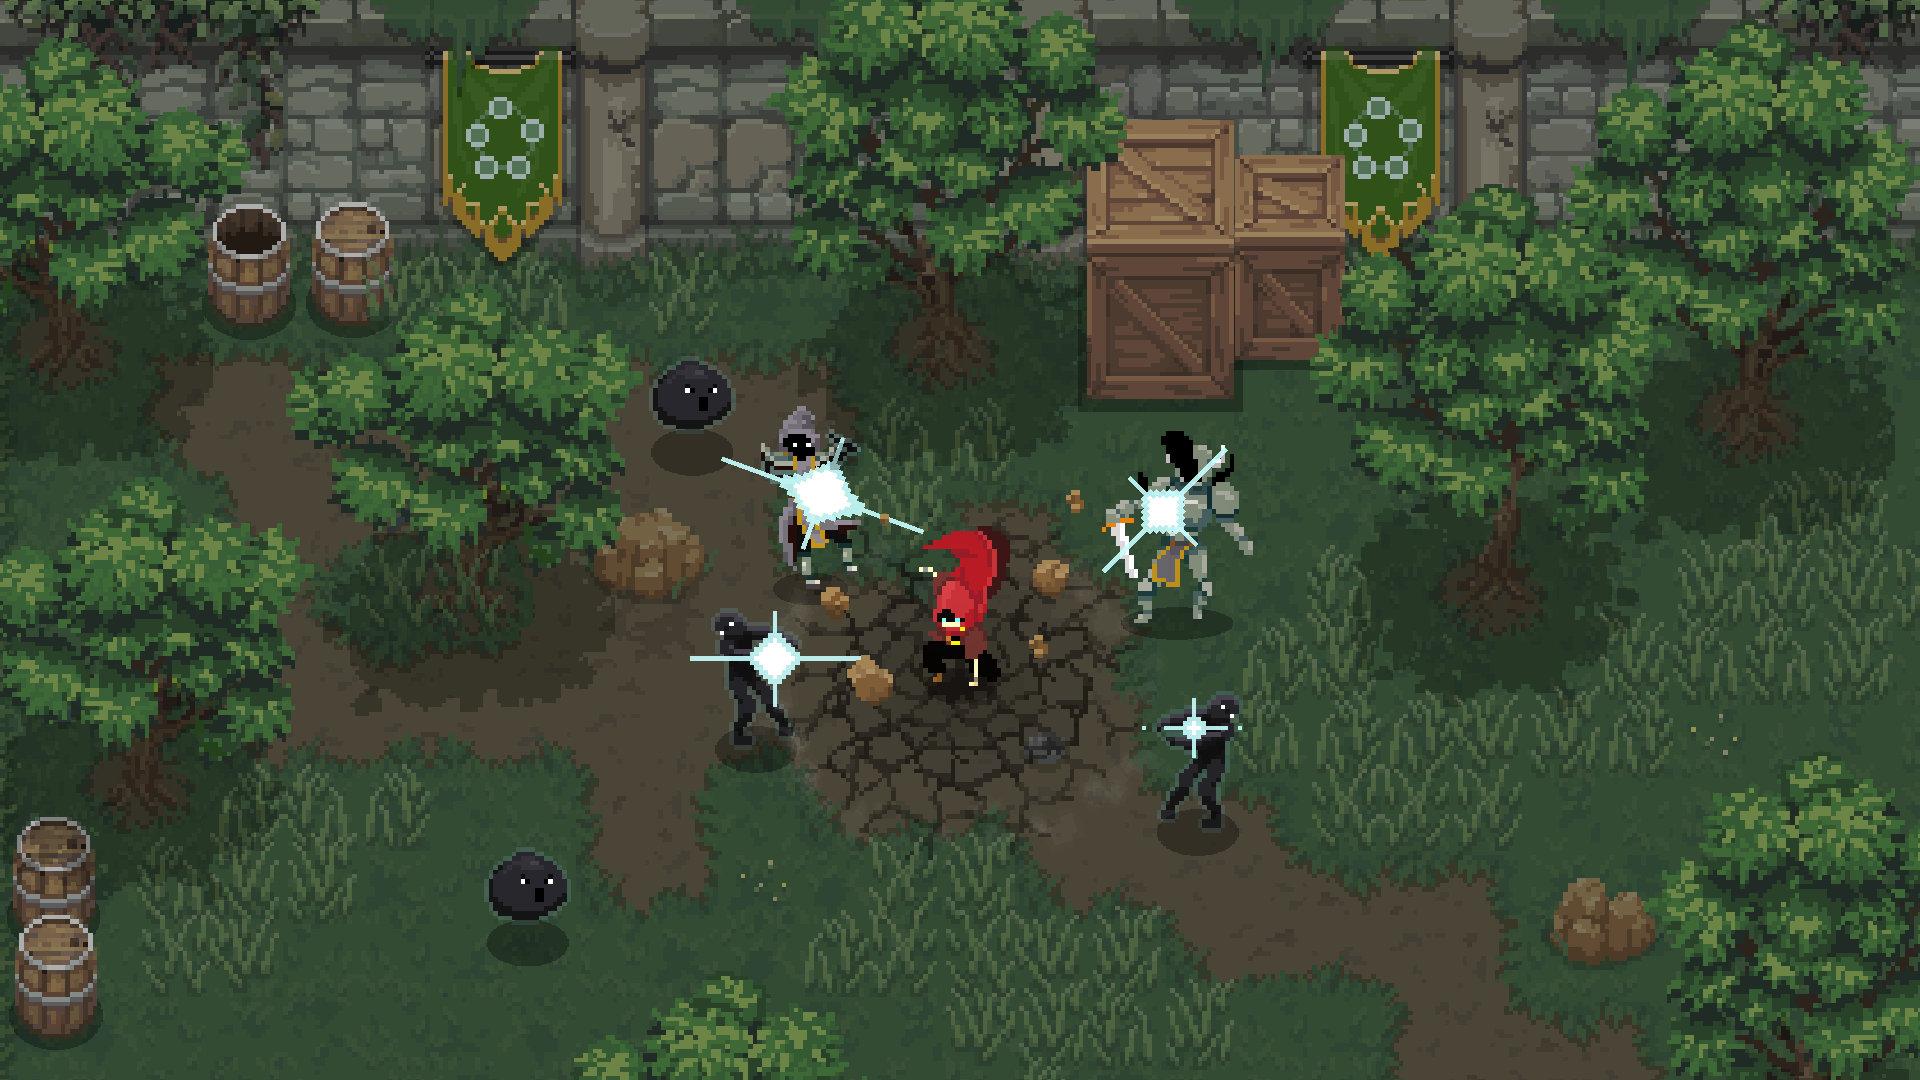 Wizard Of Legend Game Ps4 Playstation Sony Dirt 4 Standard Reg3 Screenshot 1